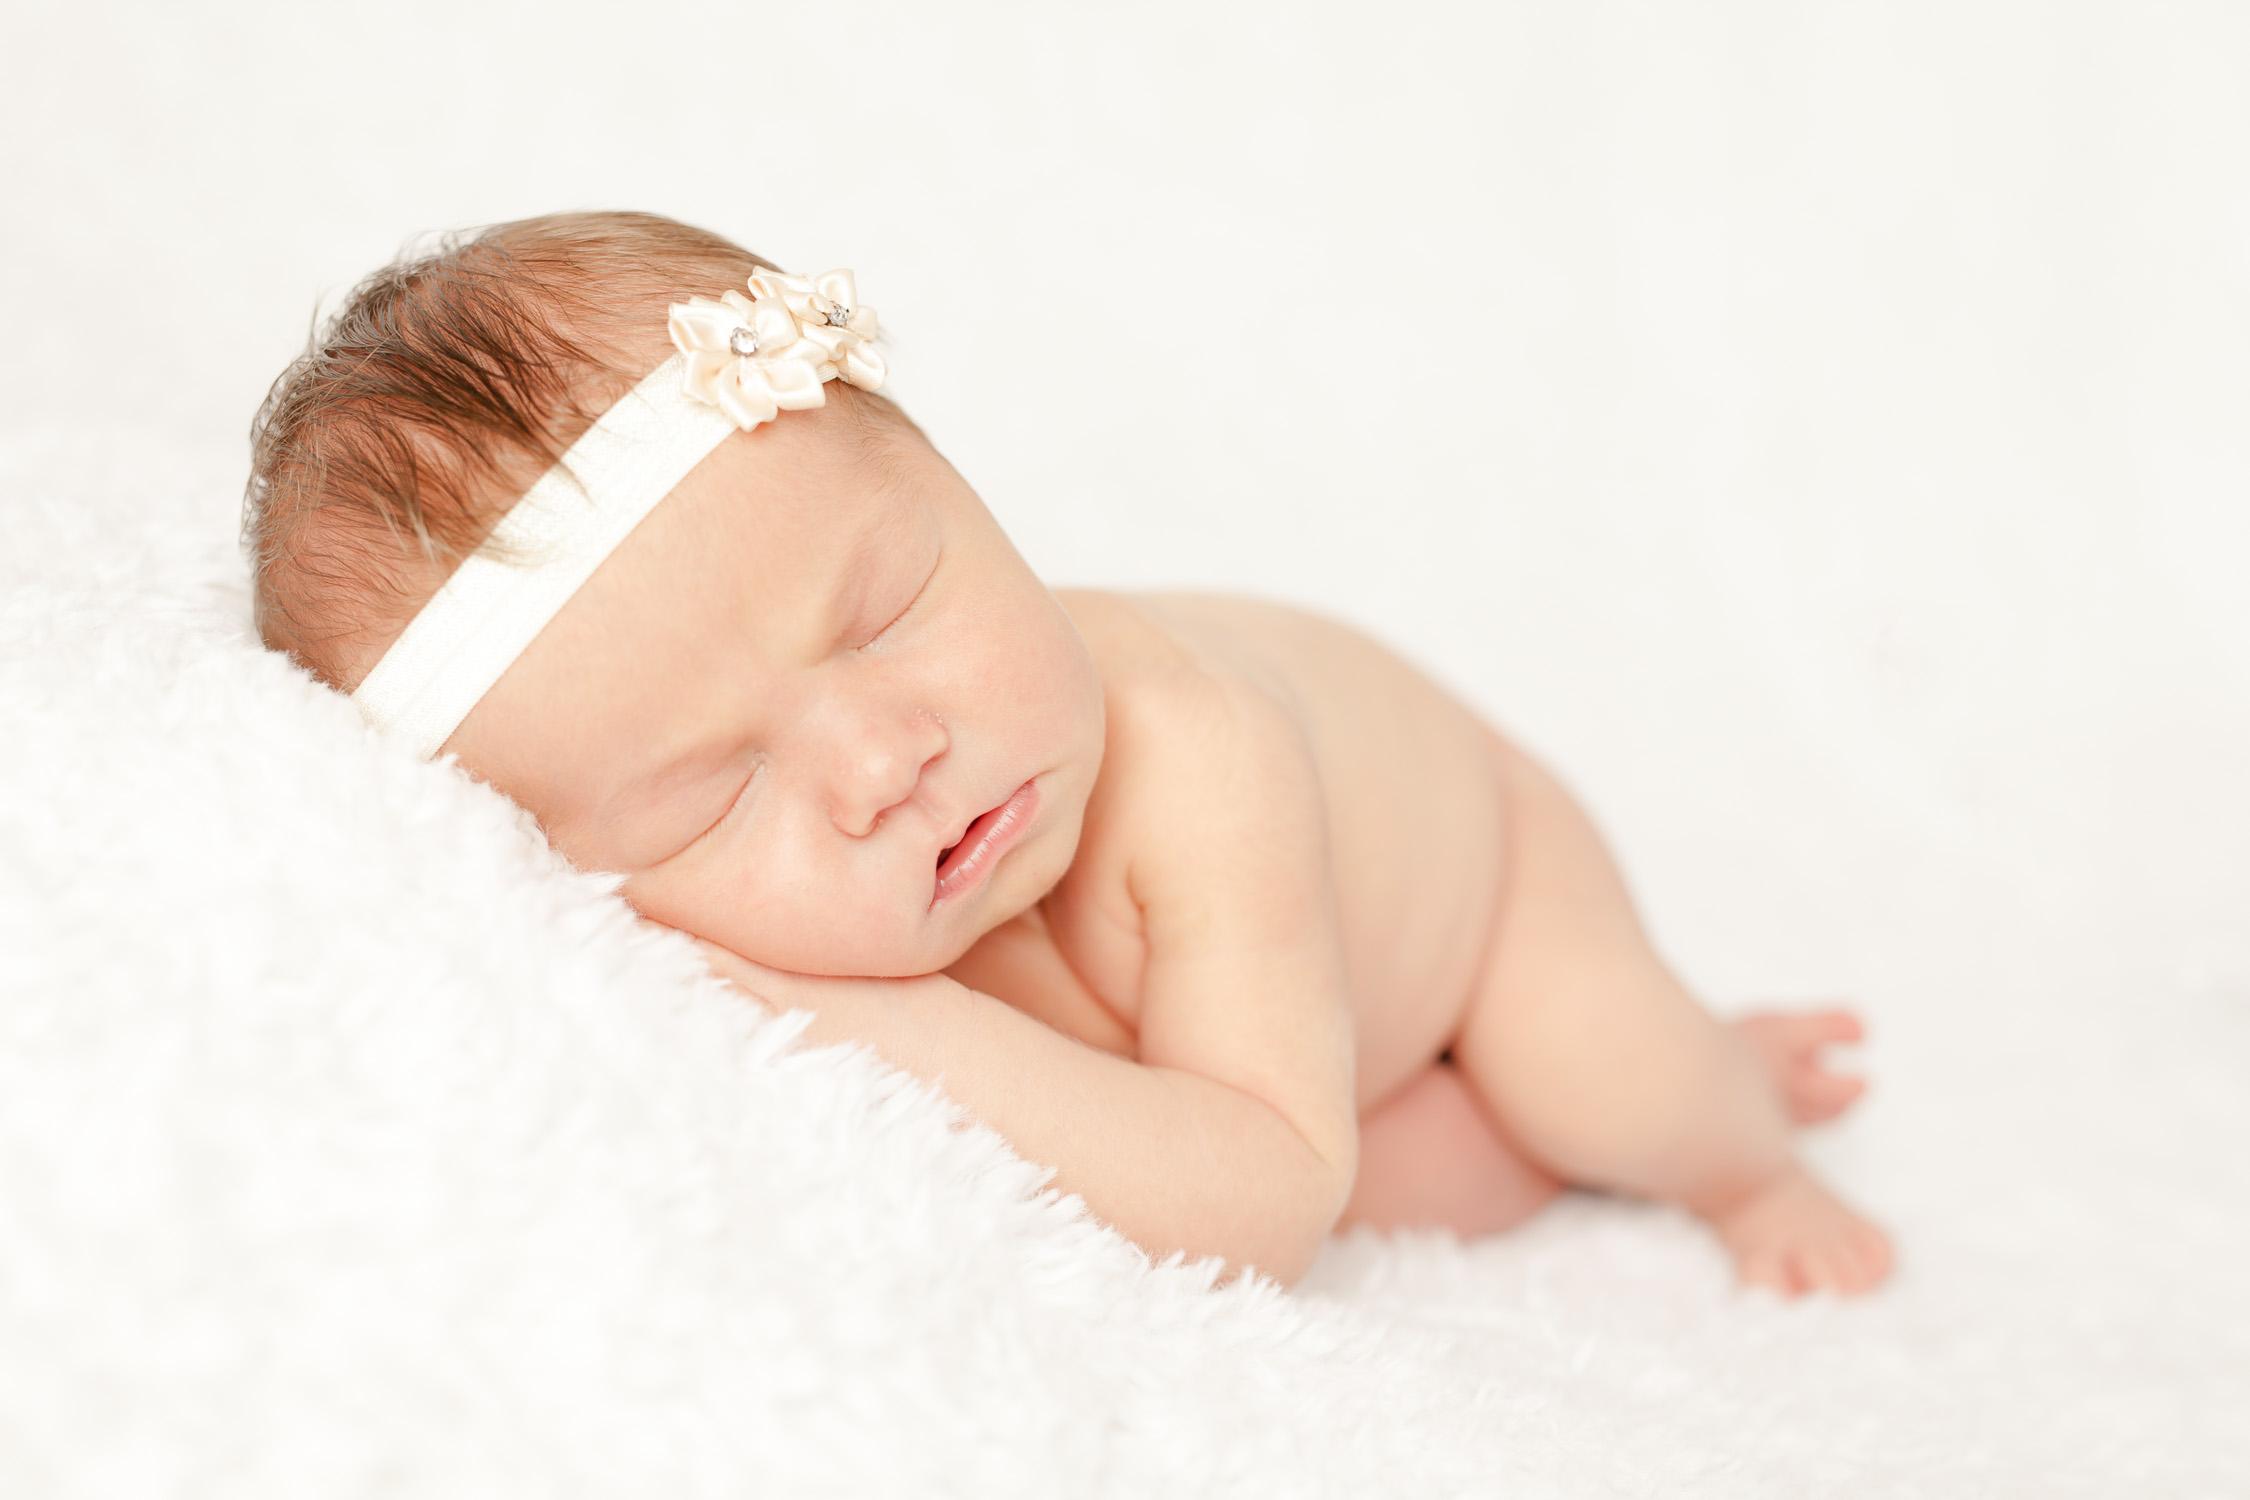 nyfødt-nyfødtfotograf-nyfødtfotografering-fotograf-hodnedesign-pål-hodne-22.jpg